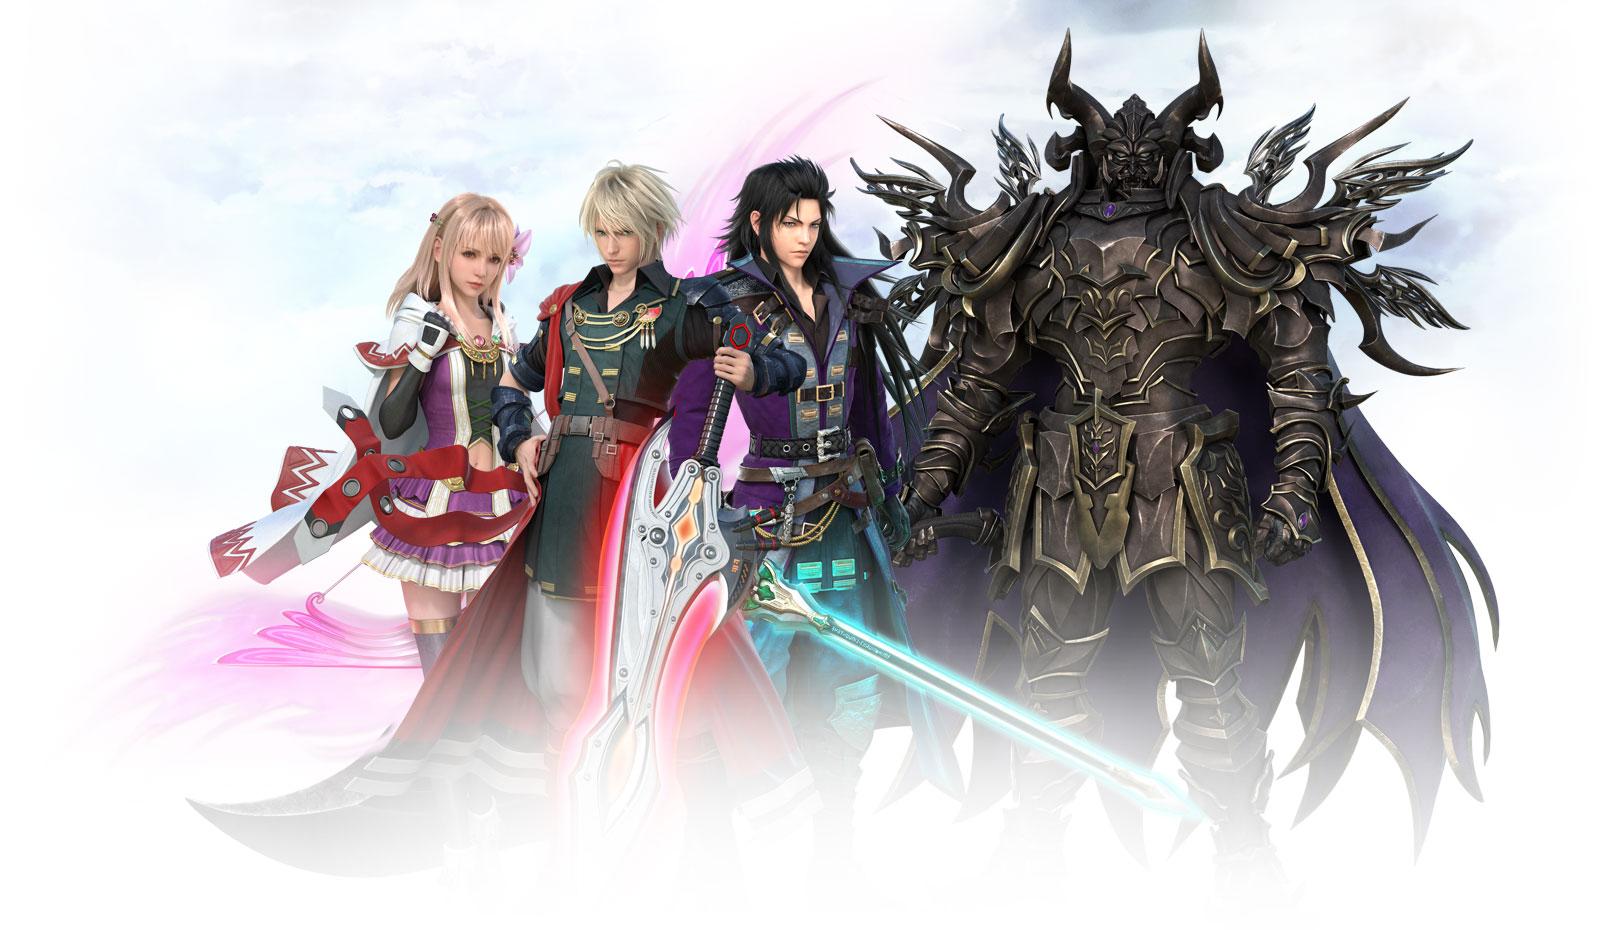 Final Fantasy Brave Exvius Surpasses 30 Million Global Downloads!